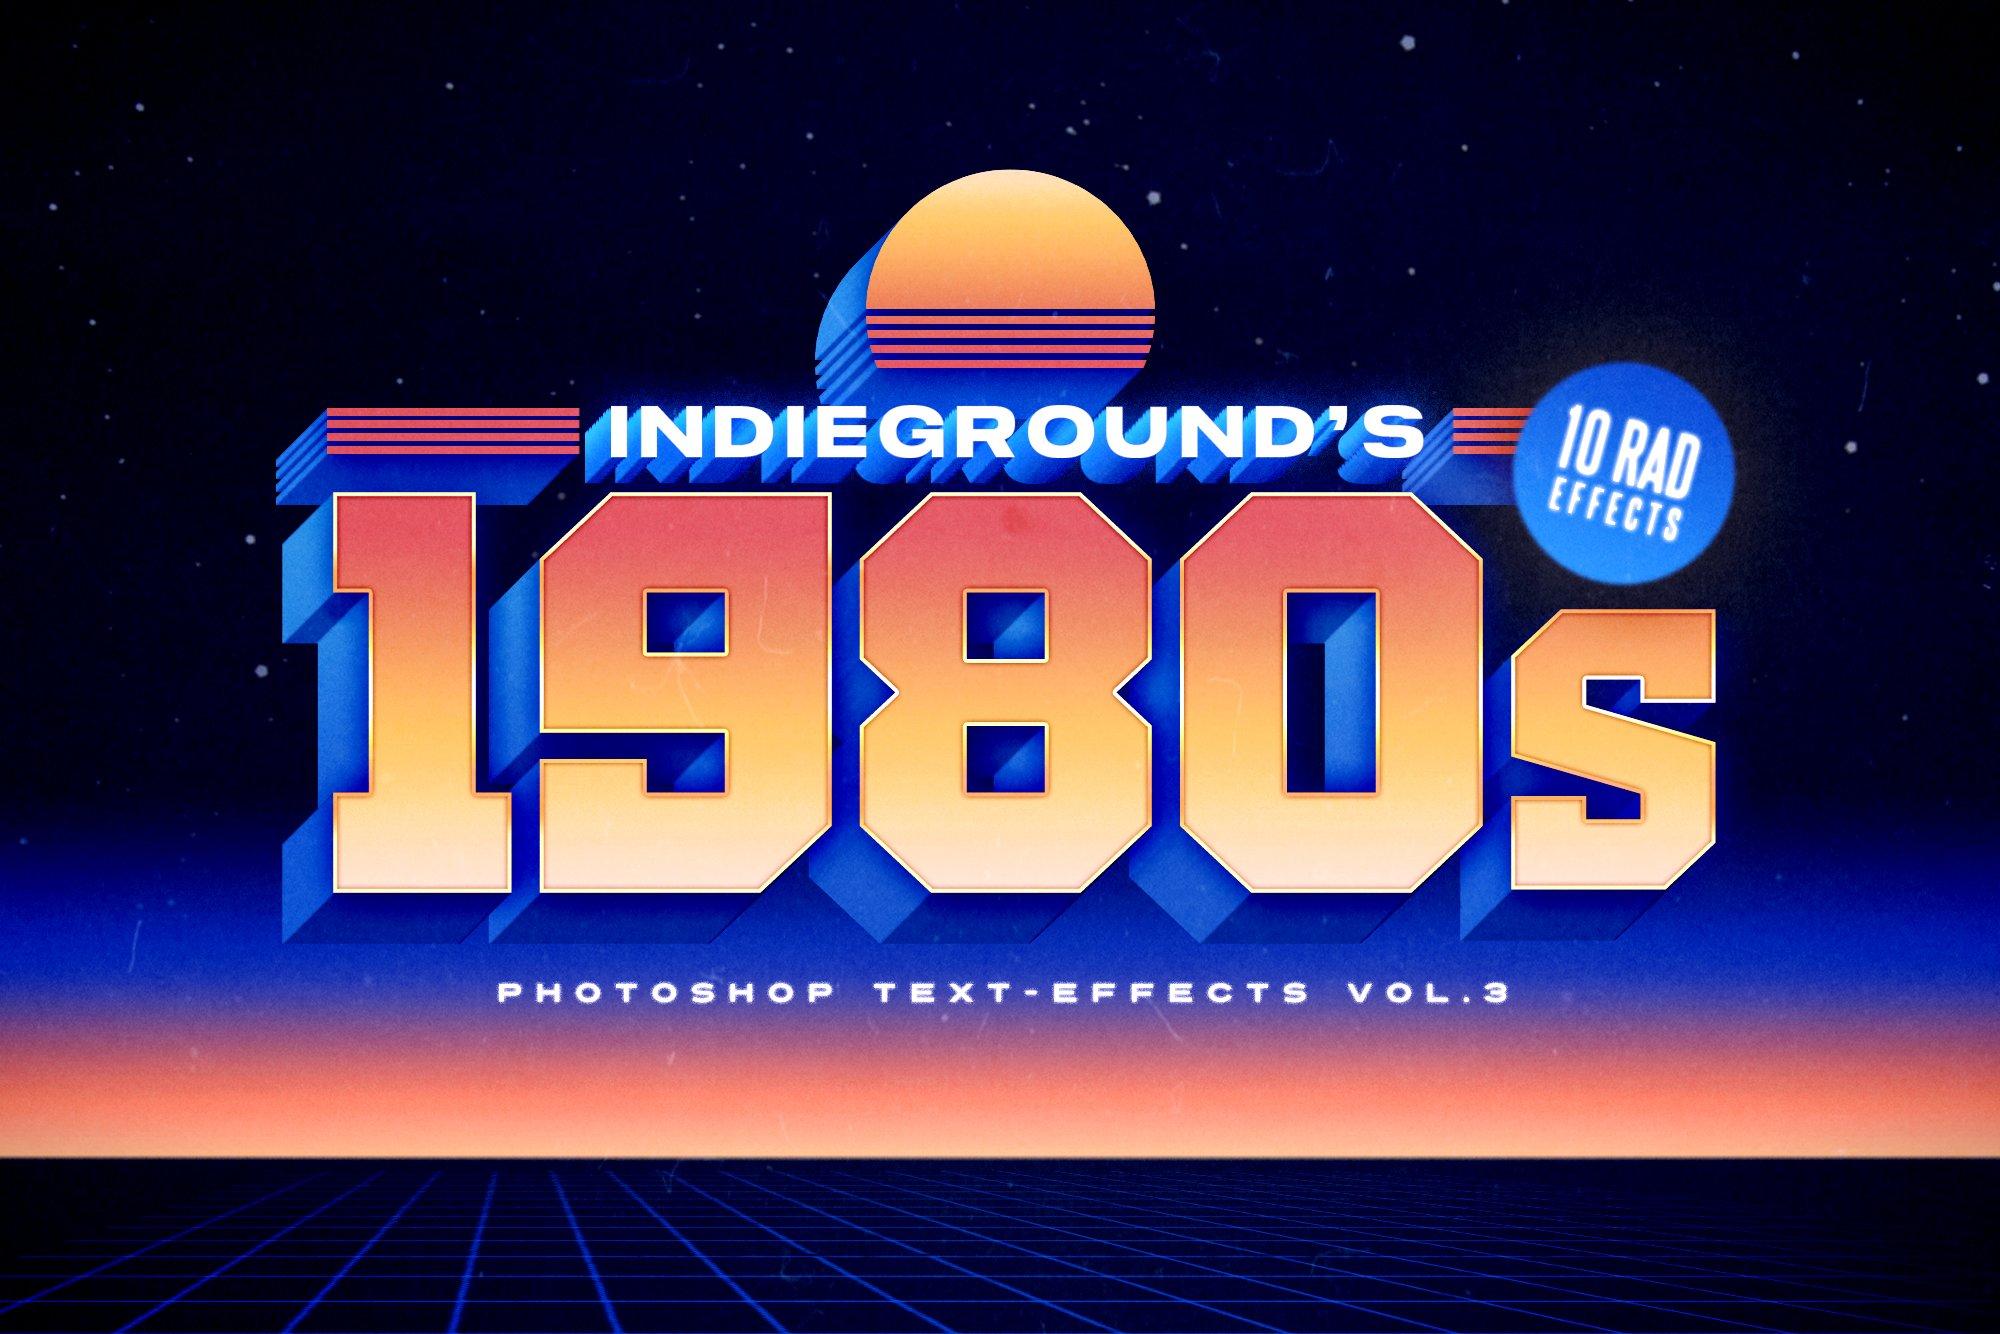 炫酷80年代复古蒸汽朋克3D海报标题文字设计PS样式模板 80s Text Effects Vol.3插图